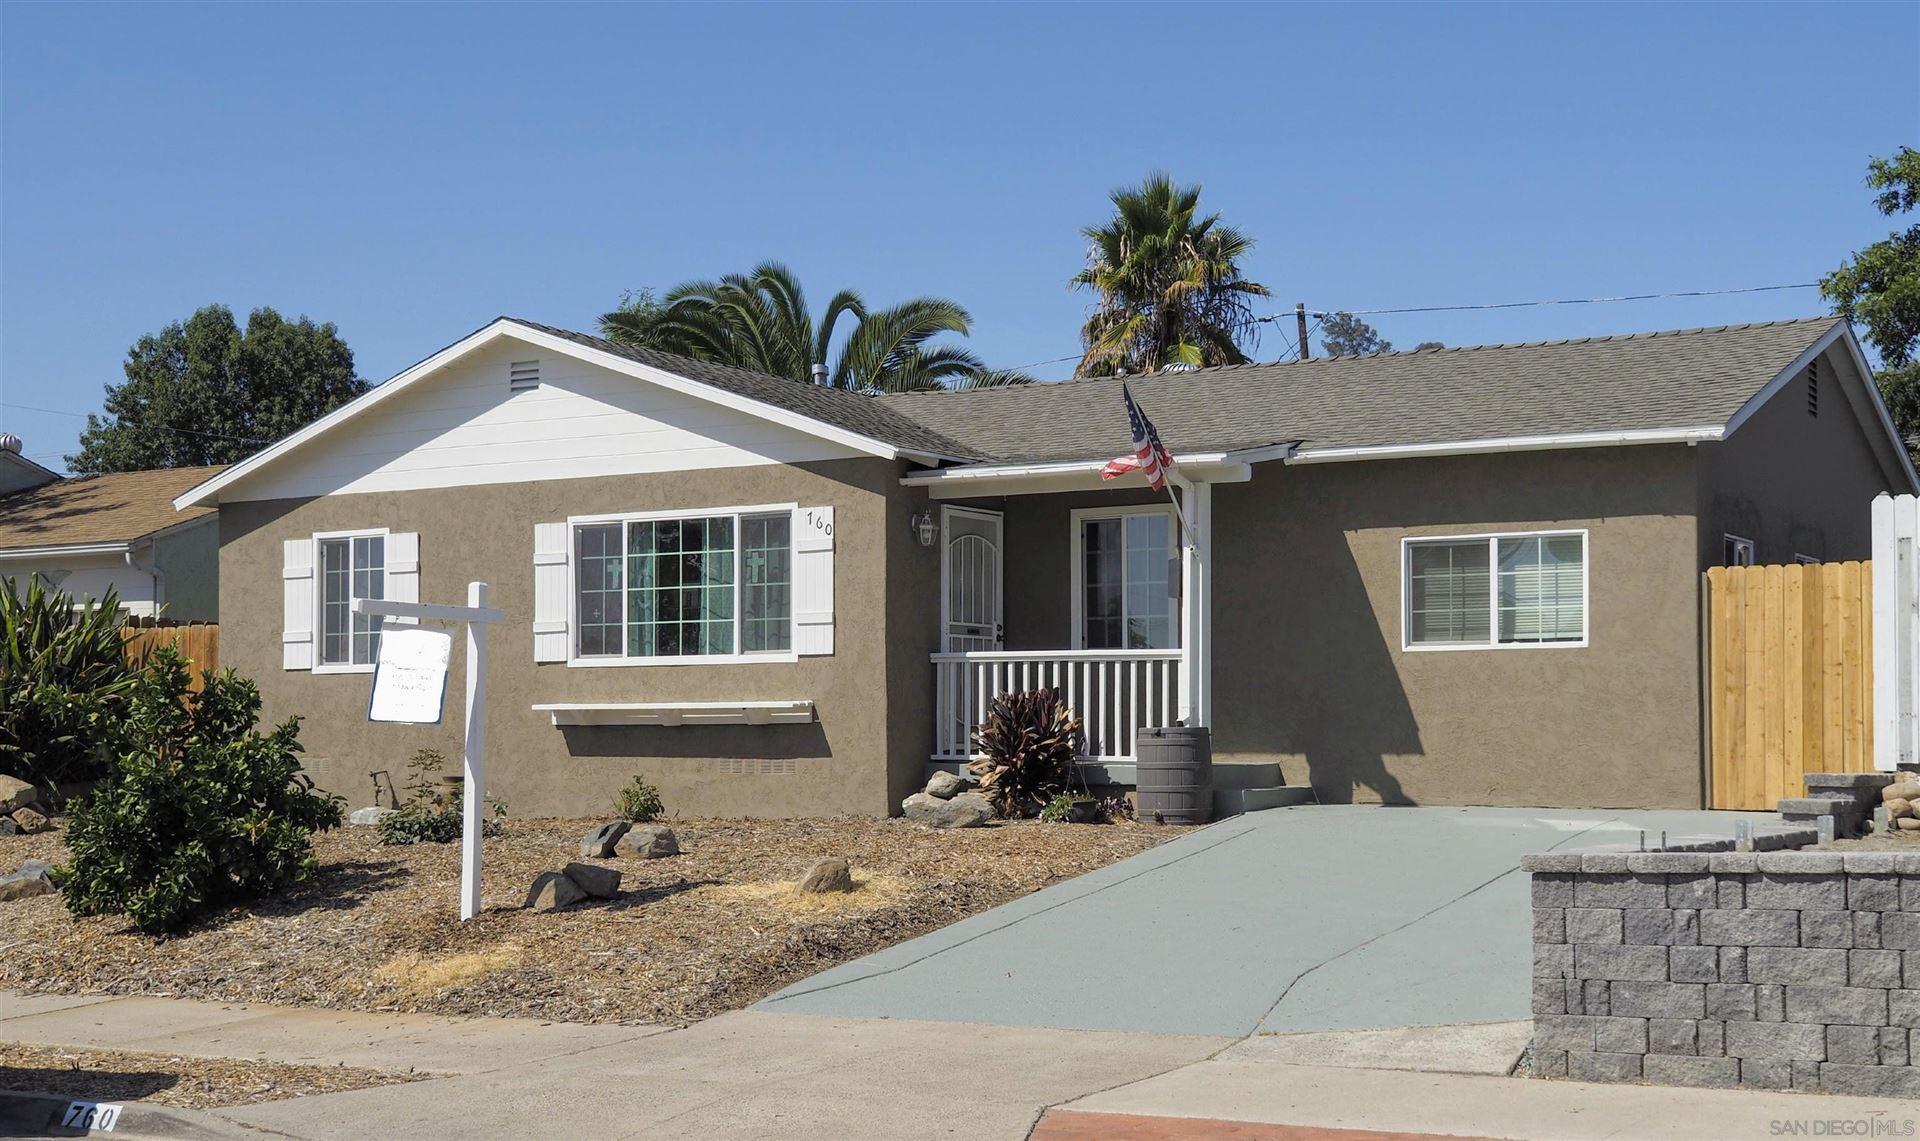 Photo of 760 El Monte Rd, El Cajon, CA 92020 (MLS # 210025234)